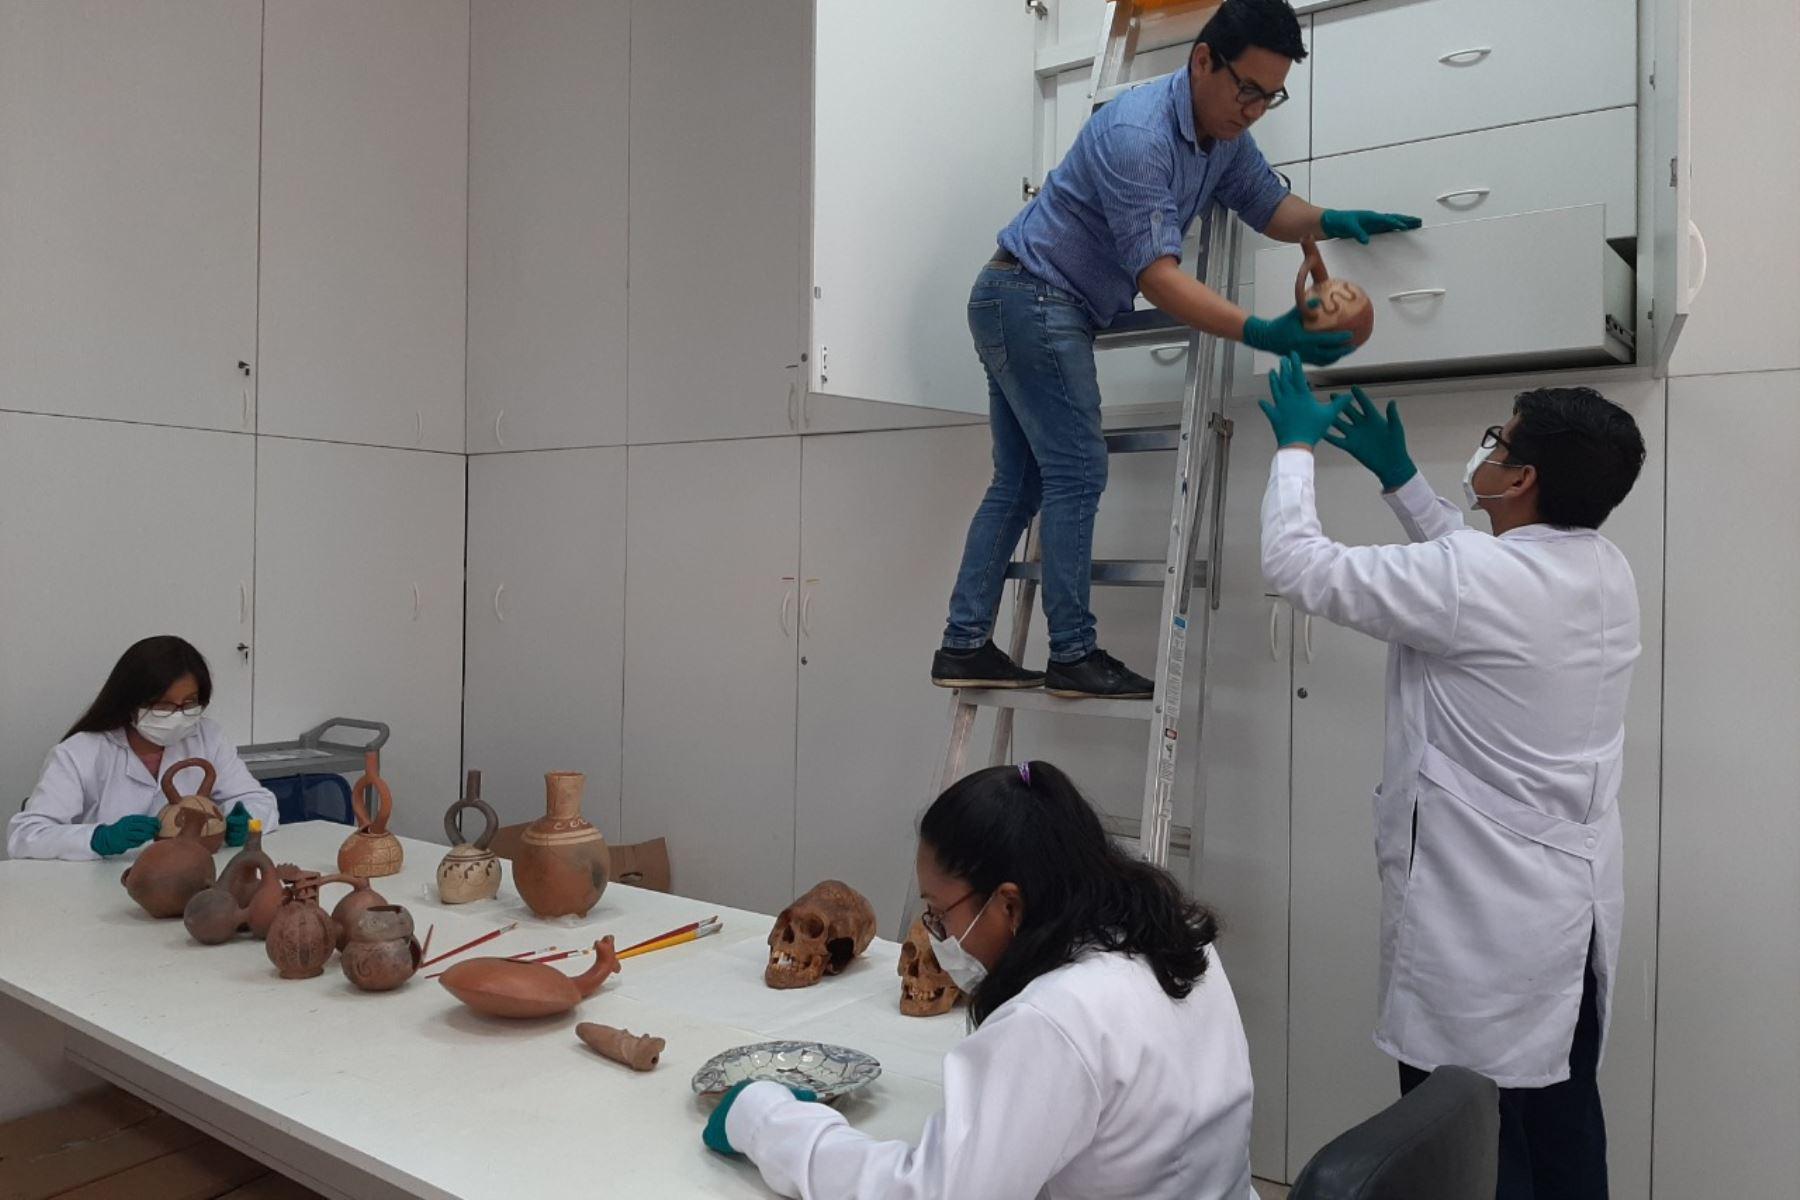 Este fondo, que asciende a 150,000 dólares, ha permitido que el laboratorio básico de arqueología de la Universidad Nacional de Trujillo se convierta en un gran centro de investigación arqueológica, cumpliendo los criterios técnicos de calidad y estándares internacionales. Foto: Luis Puell